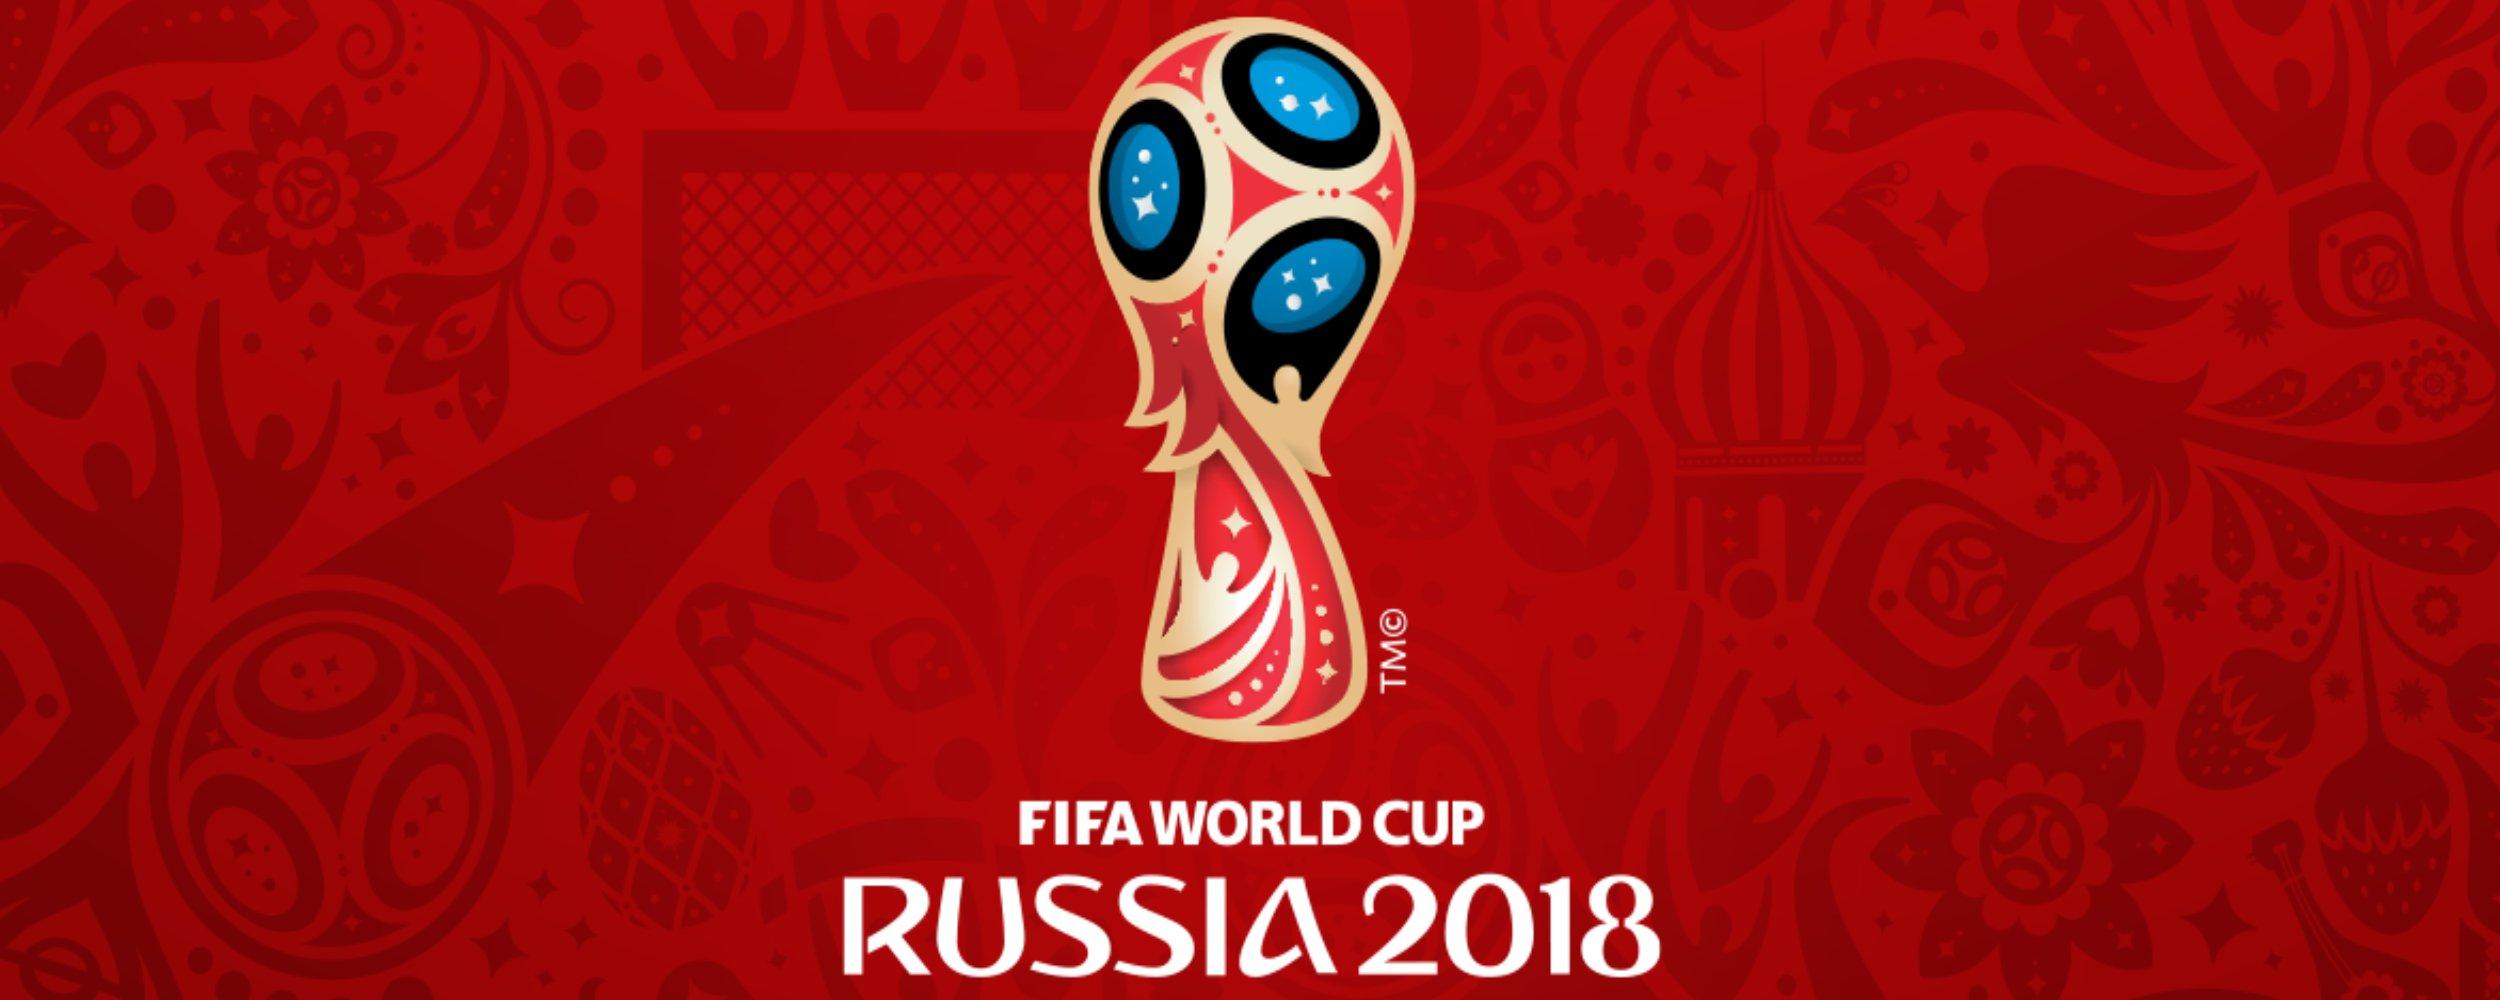 O hexa vem? 6 apps para acompanhar a Copa do Mundo